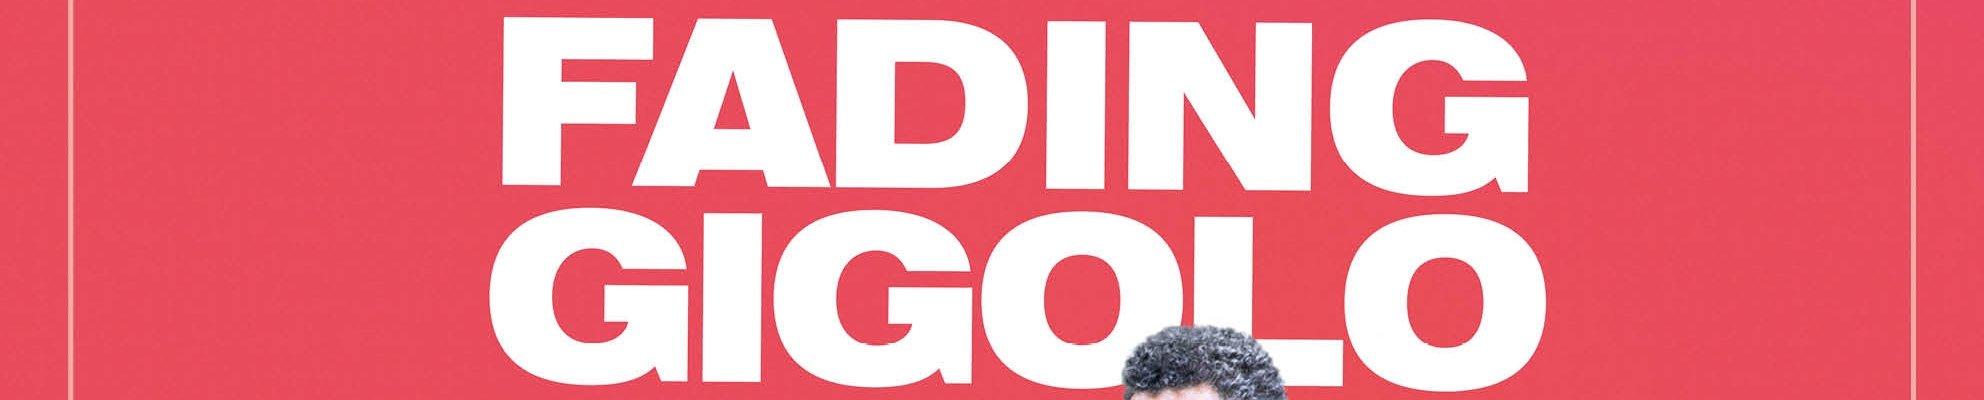 Fading Gigolo DVD